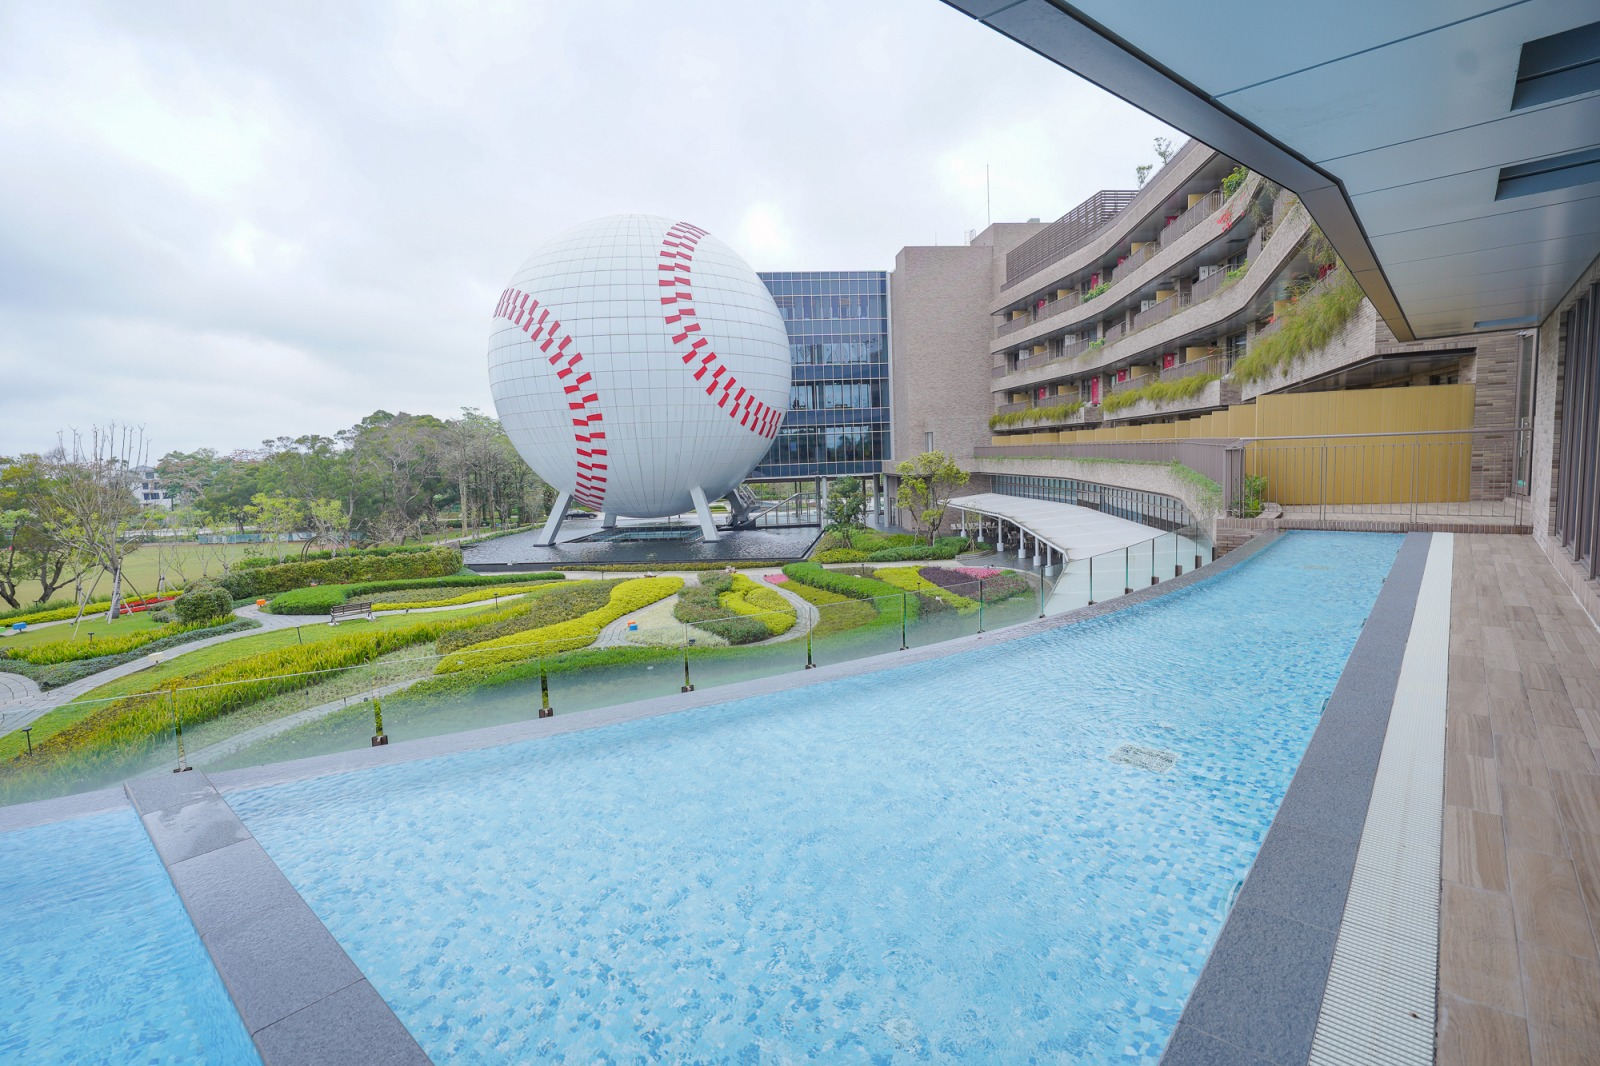 雷友社團限定‼ 名人堂花園大飯店史努比主題客房,史努比房秘密,一泊三食方案,送棒球名人堂代幣、DIY,可搭配桃園補助